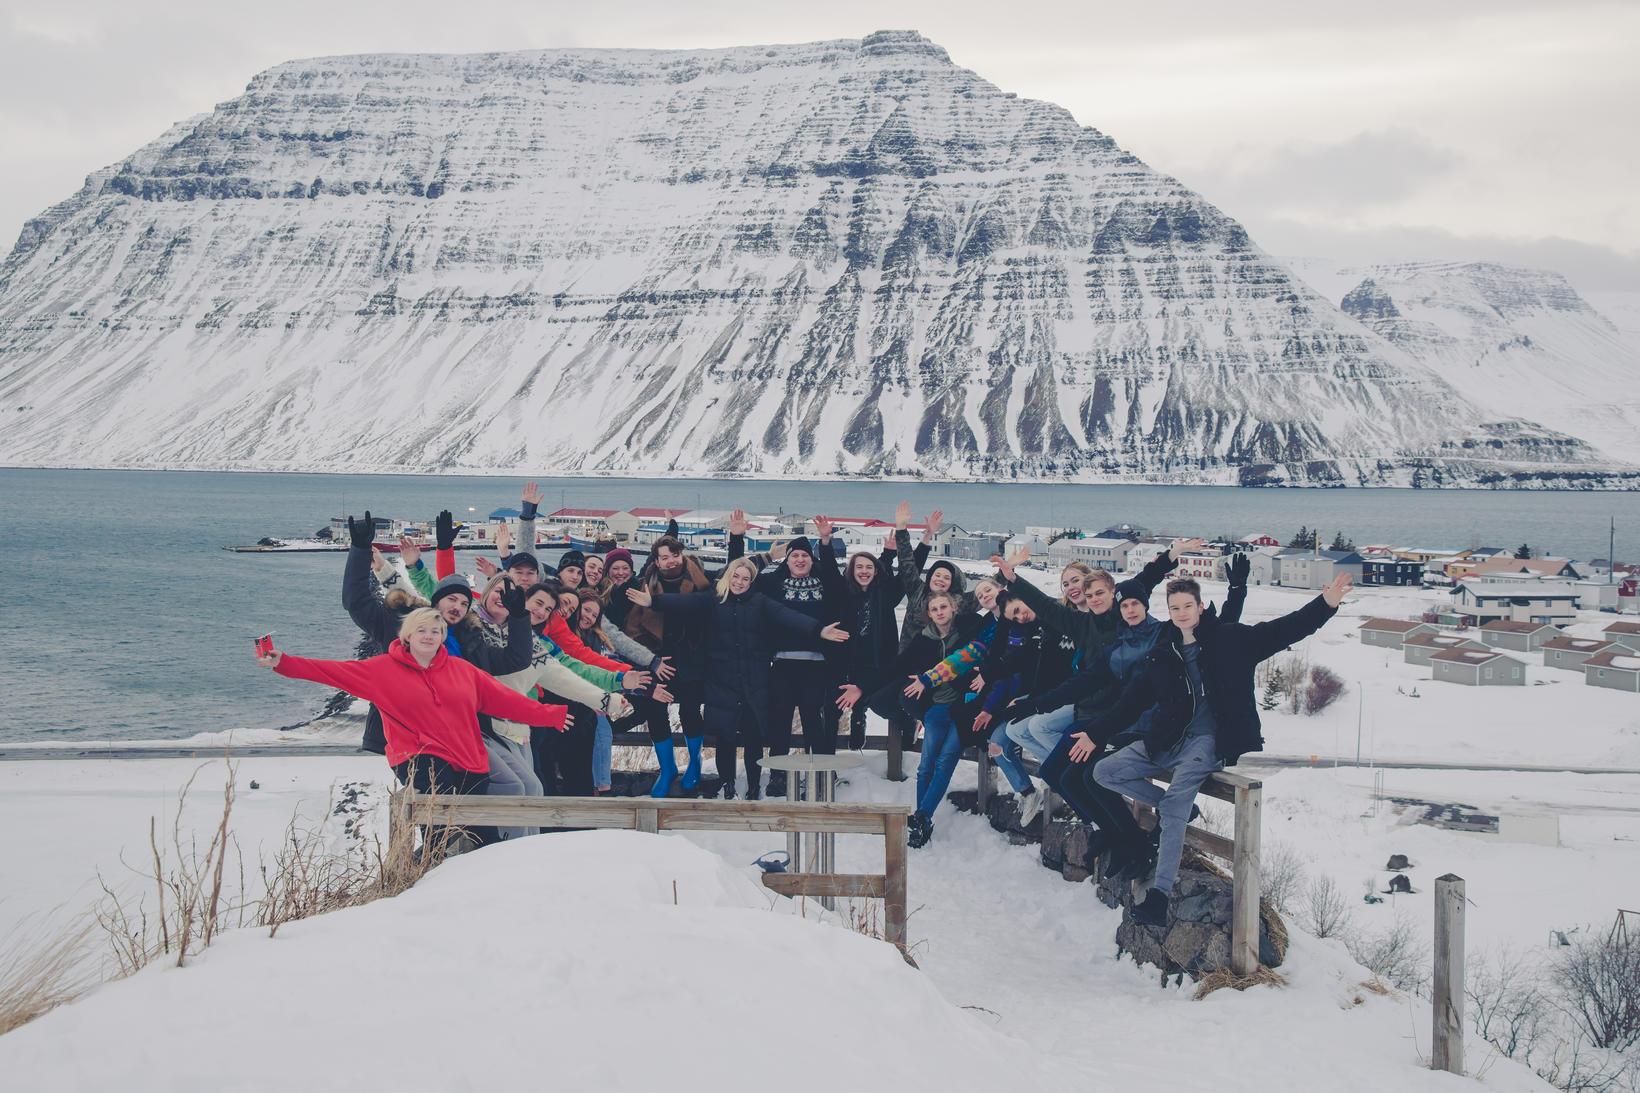 Hópur nemenda við Lýðskólann á Flateyri.